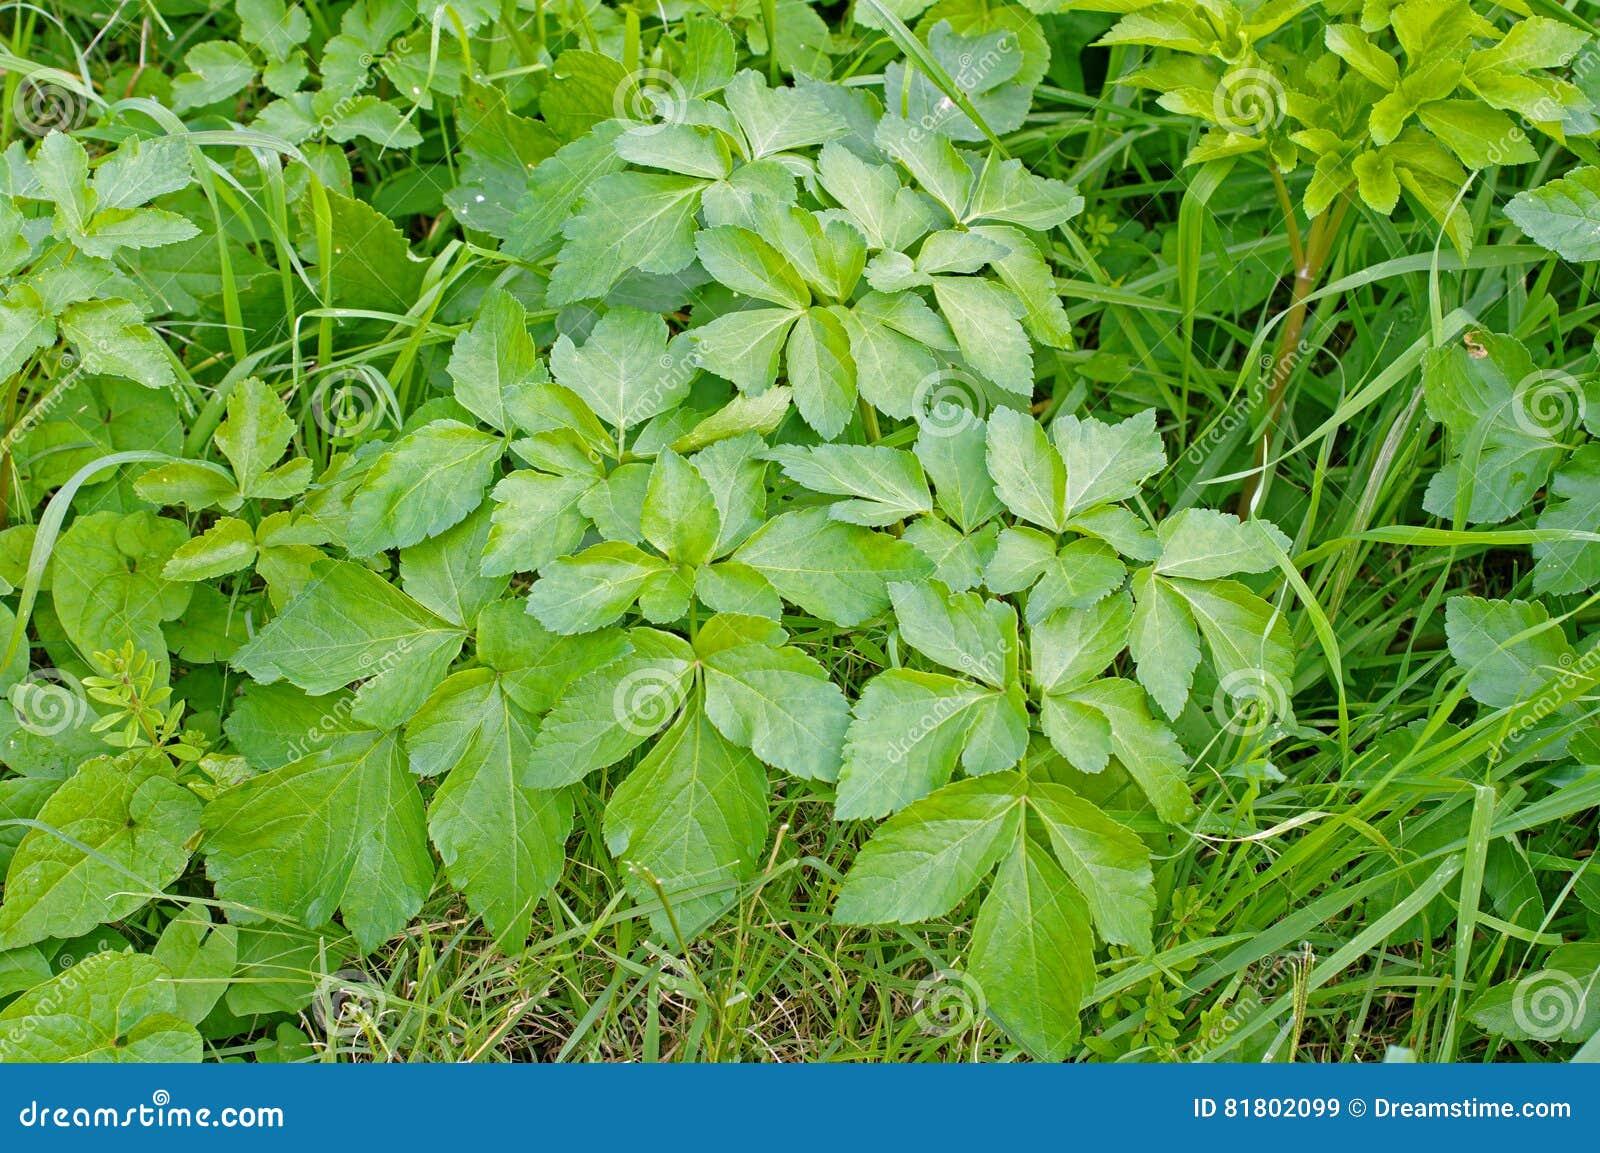 Podagraria Aegopodium, земной старейшина, от зонтичные семьи